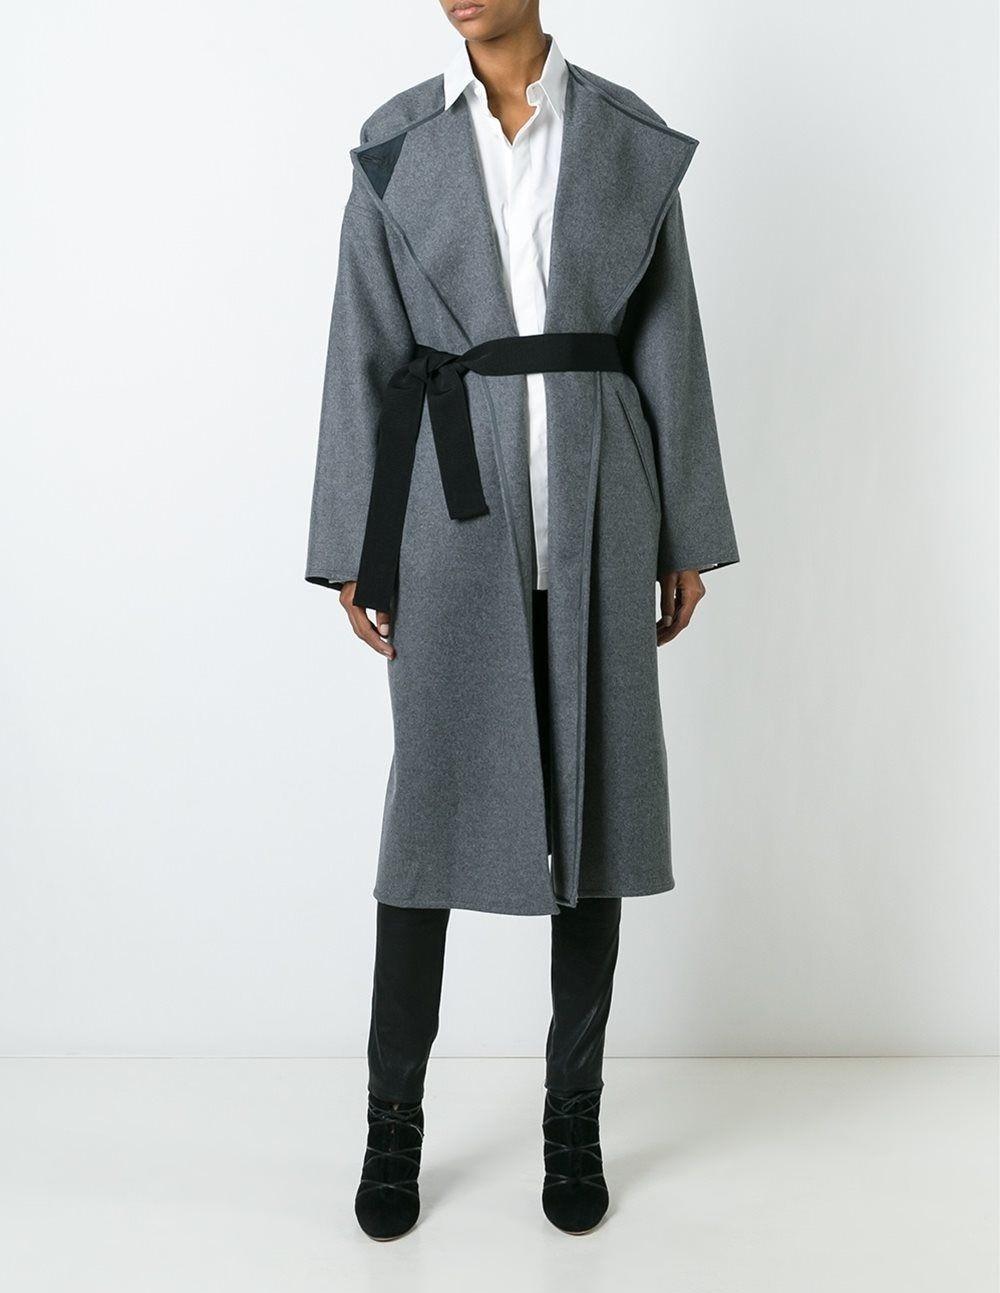 модные сеты 2018: серое пальто под классический стиль